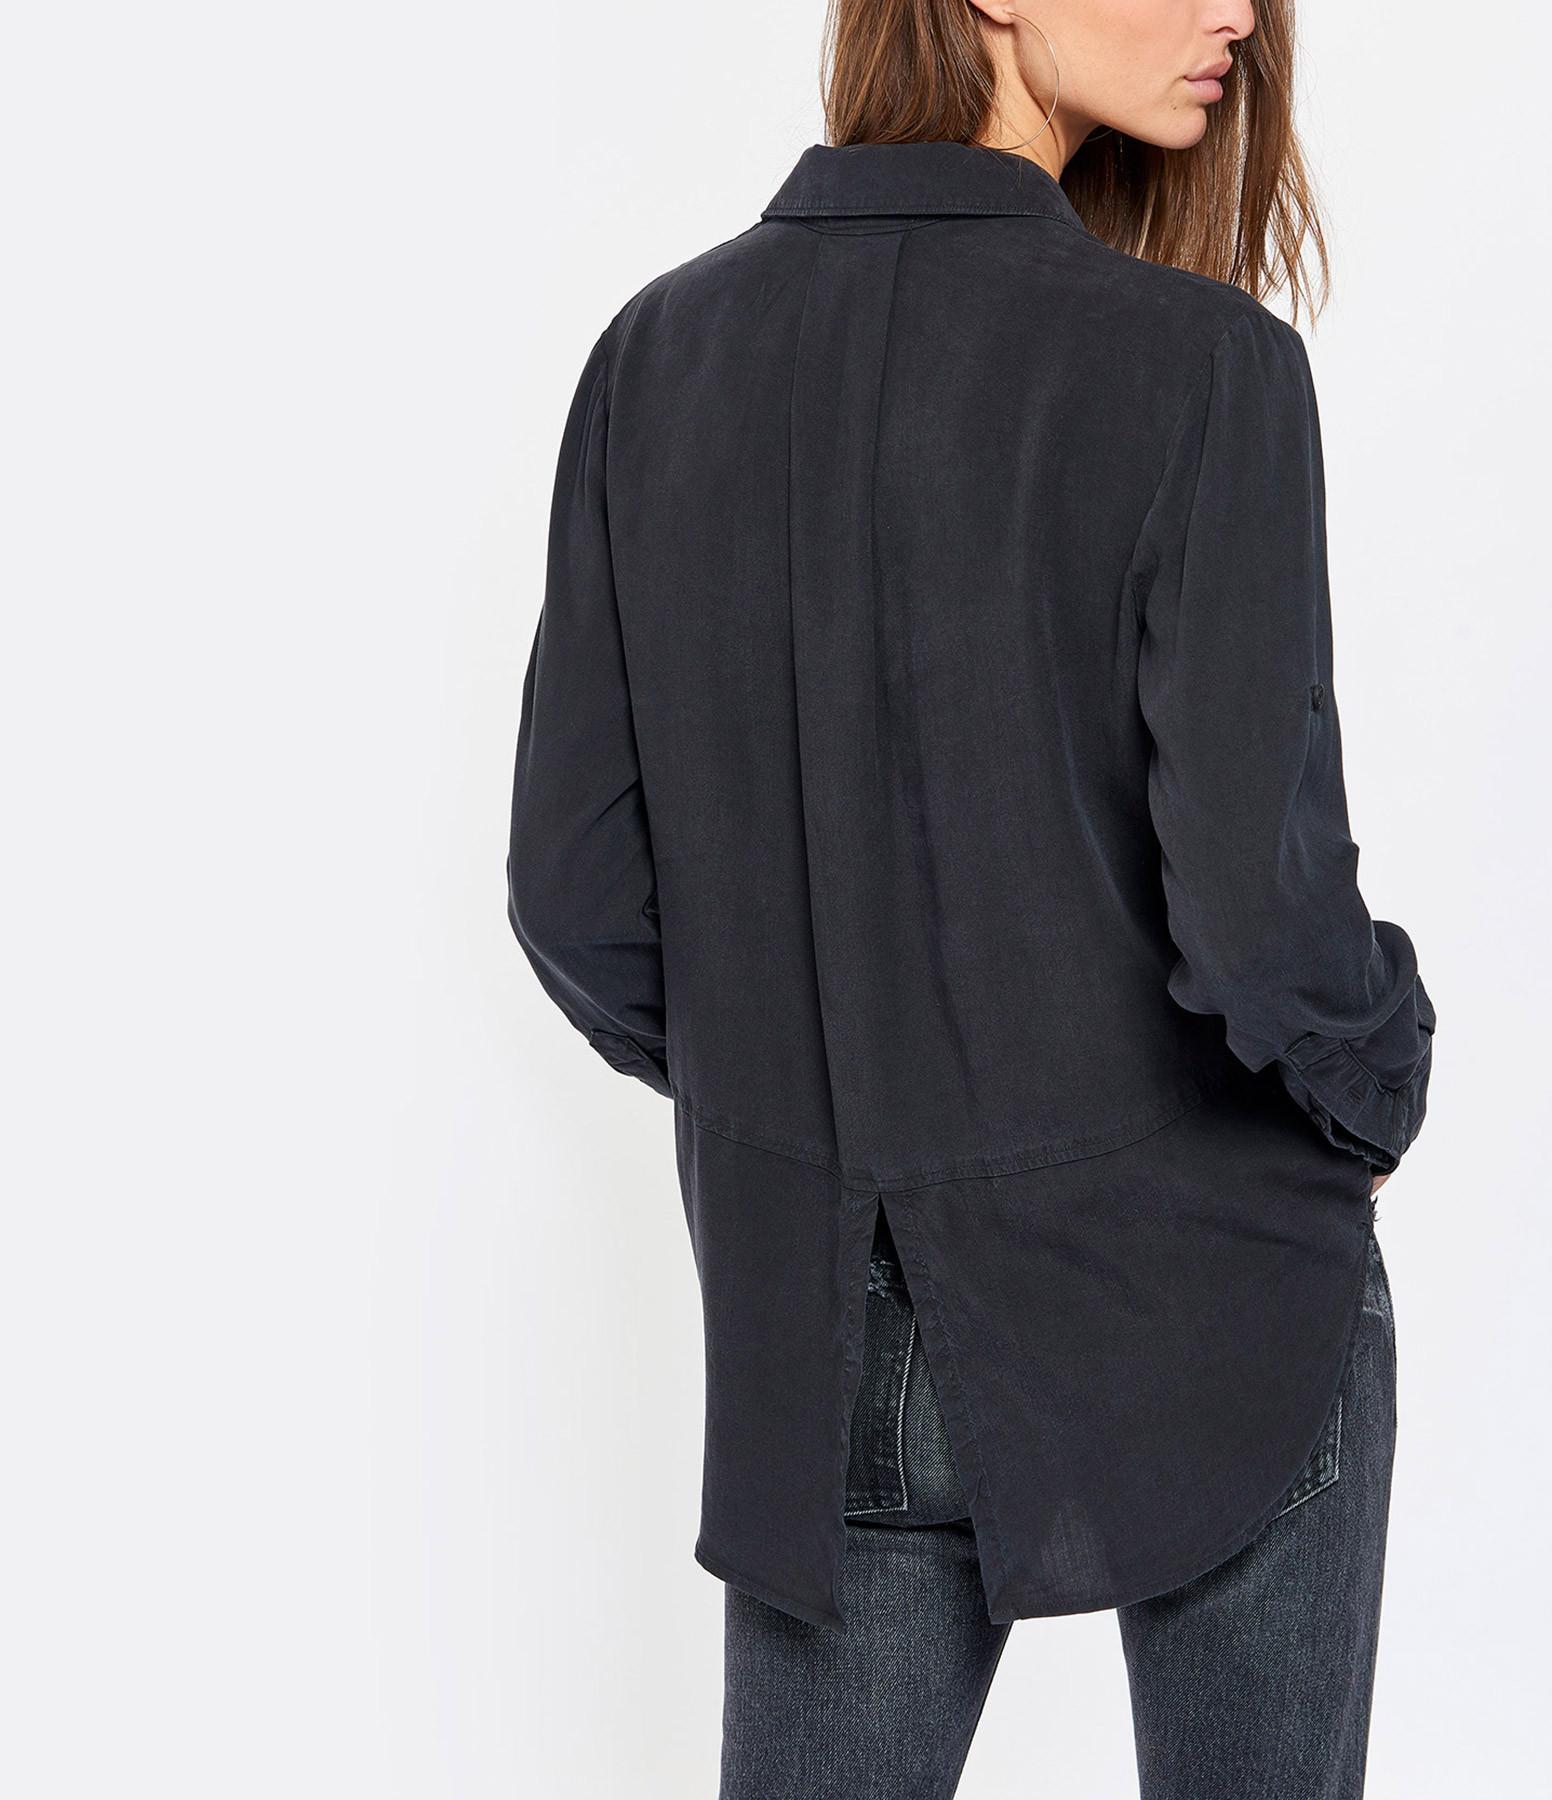 BELLA DAHL - Chemise Split Back Button Noir Vintage